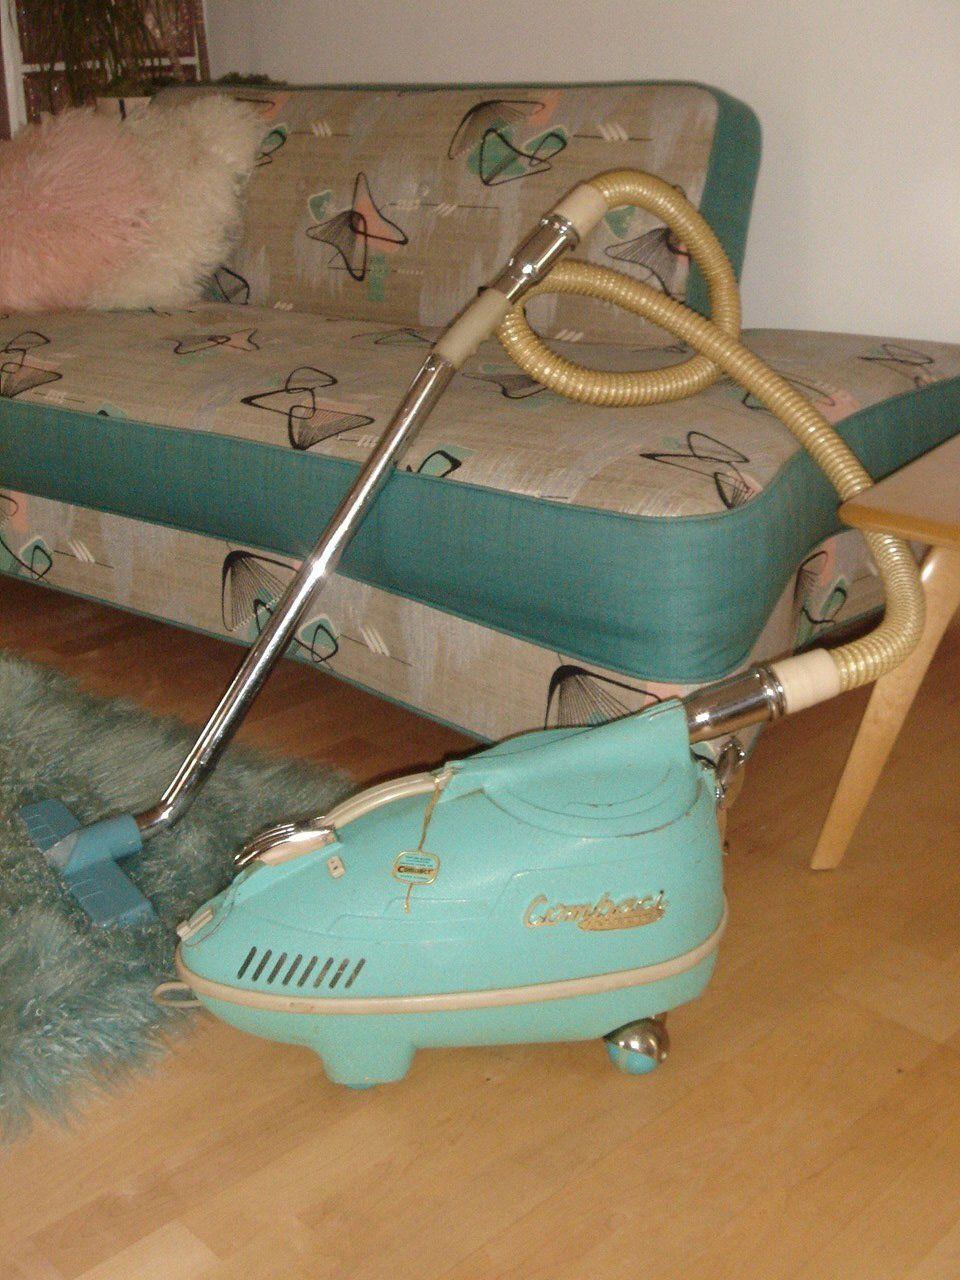 1950s vacuum cleaner | 1950s vacuum cleaner | Retro Vacuums ...